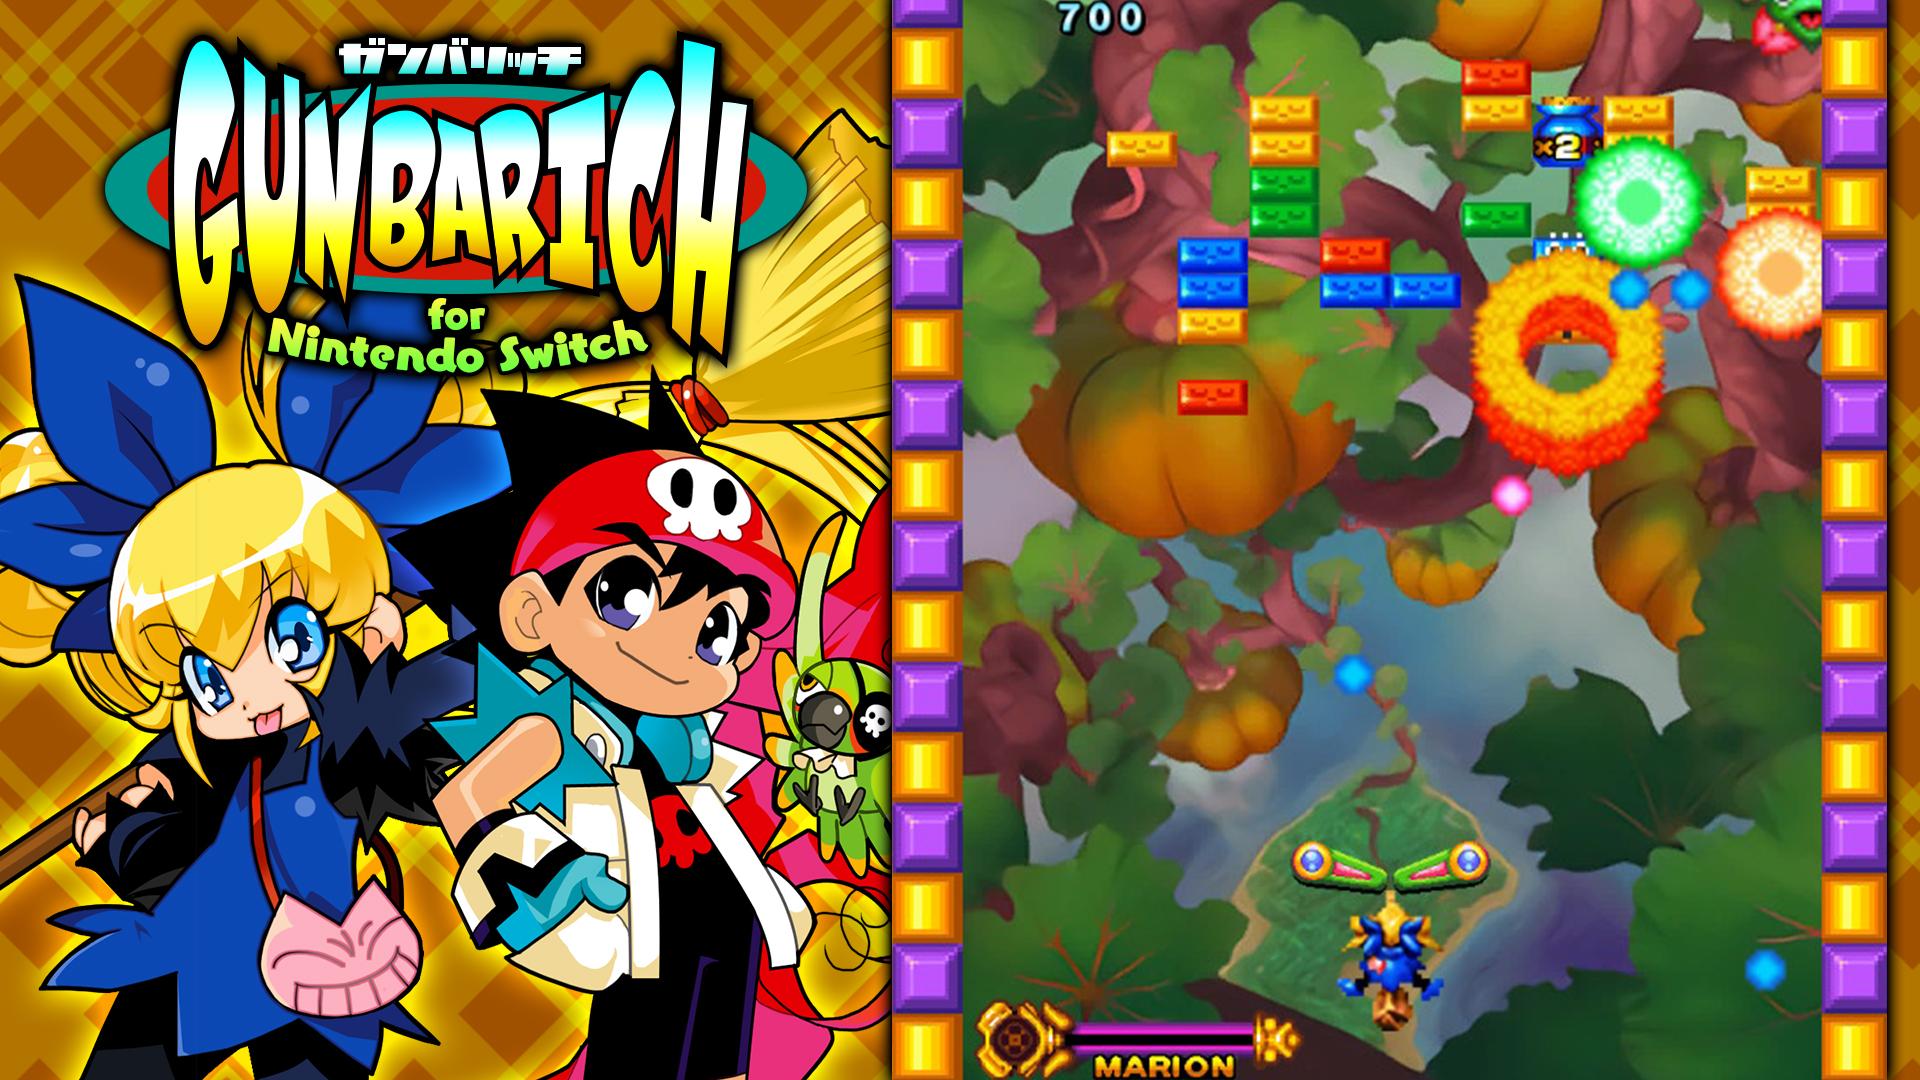 彩京のシューティング風ブロック崩しゲーム『ガンバリッチ for Nintendo Switch』が8月3日から配信開始!